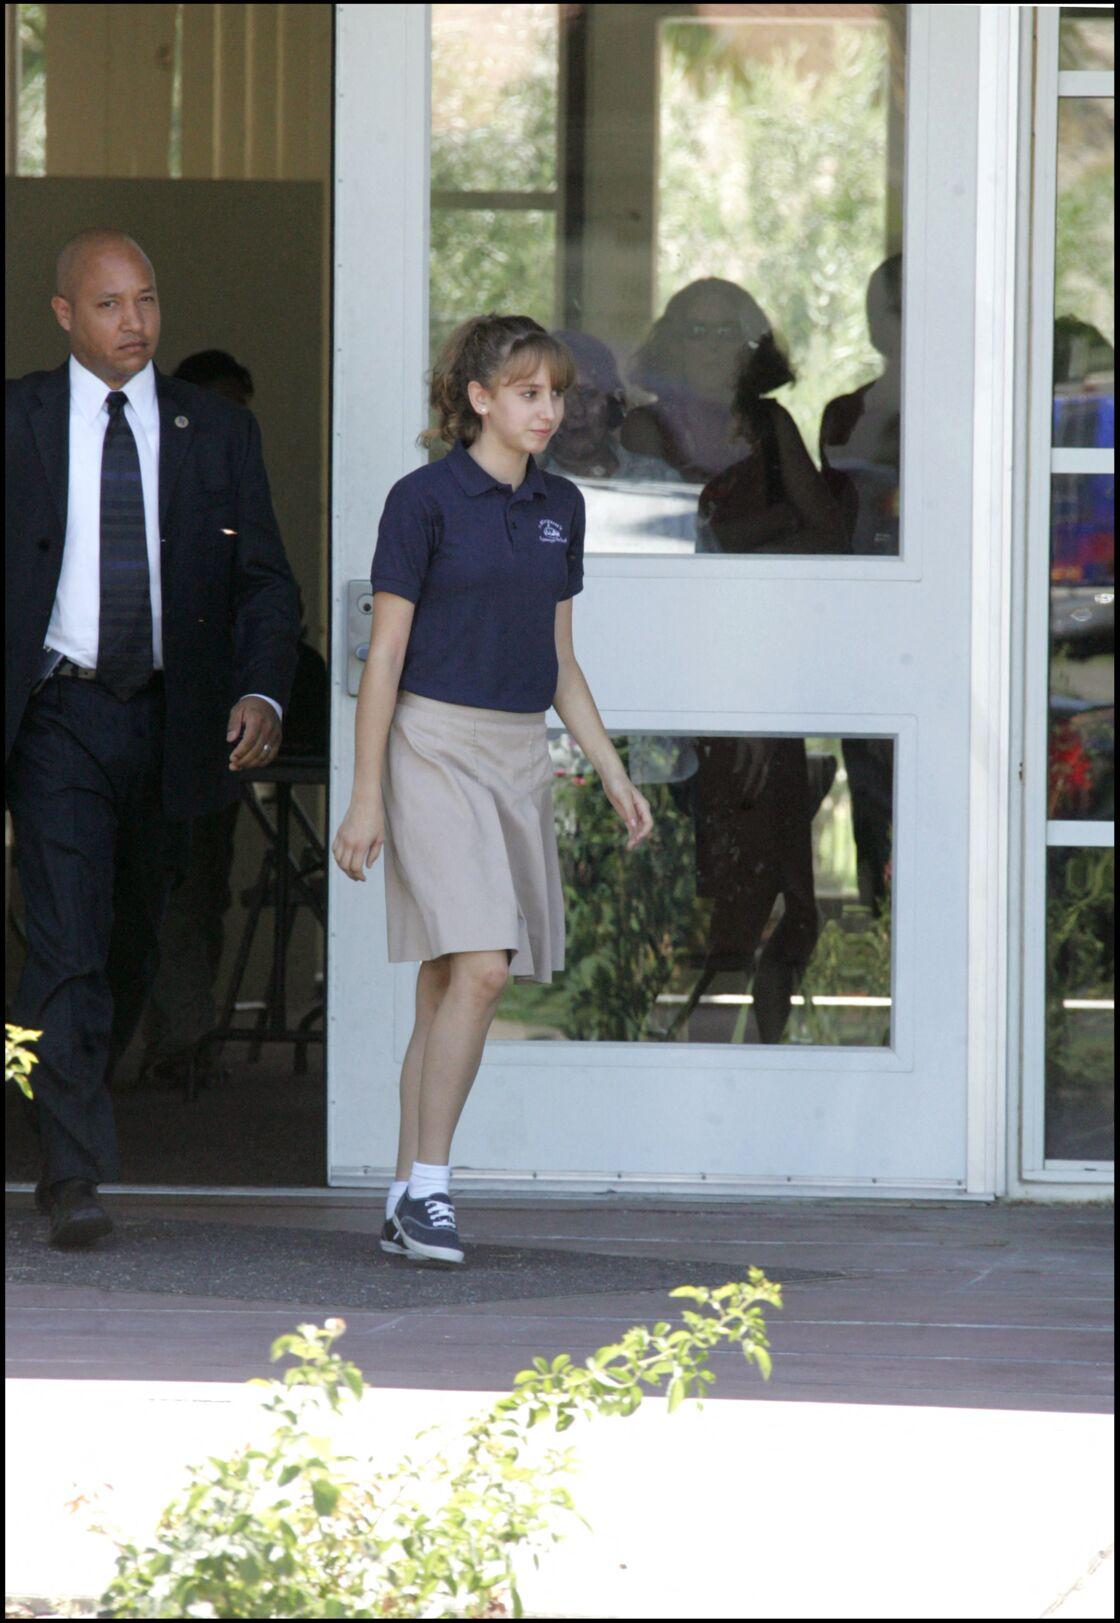 En 2006, le monde entier découvre l'existence de Jazmin Grace Grimaldi, la fille aînée d'Albert II alors âgée de 14 ans